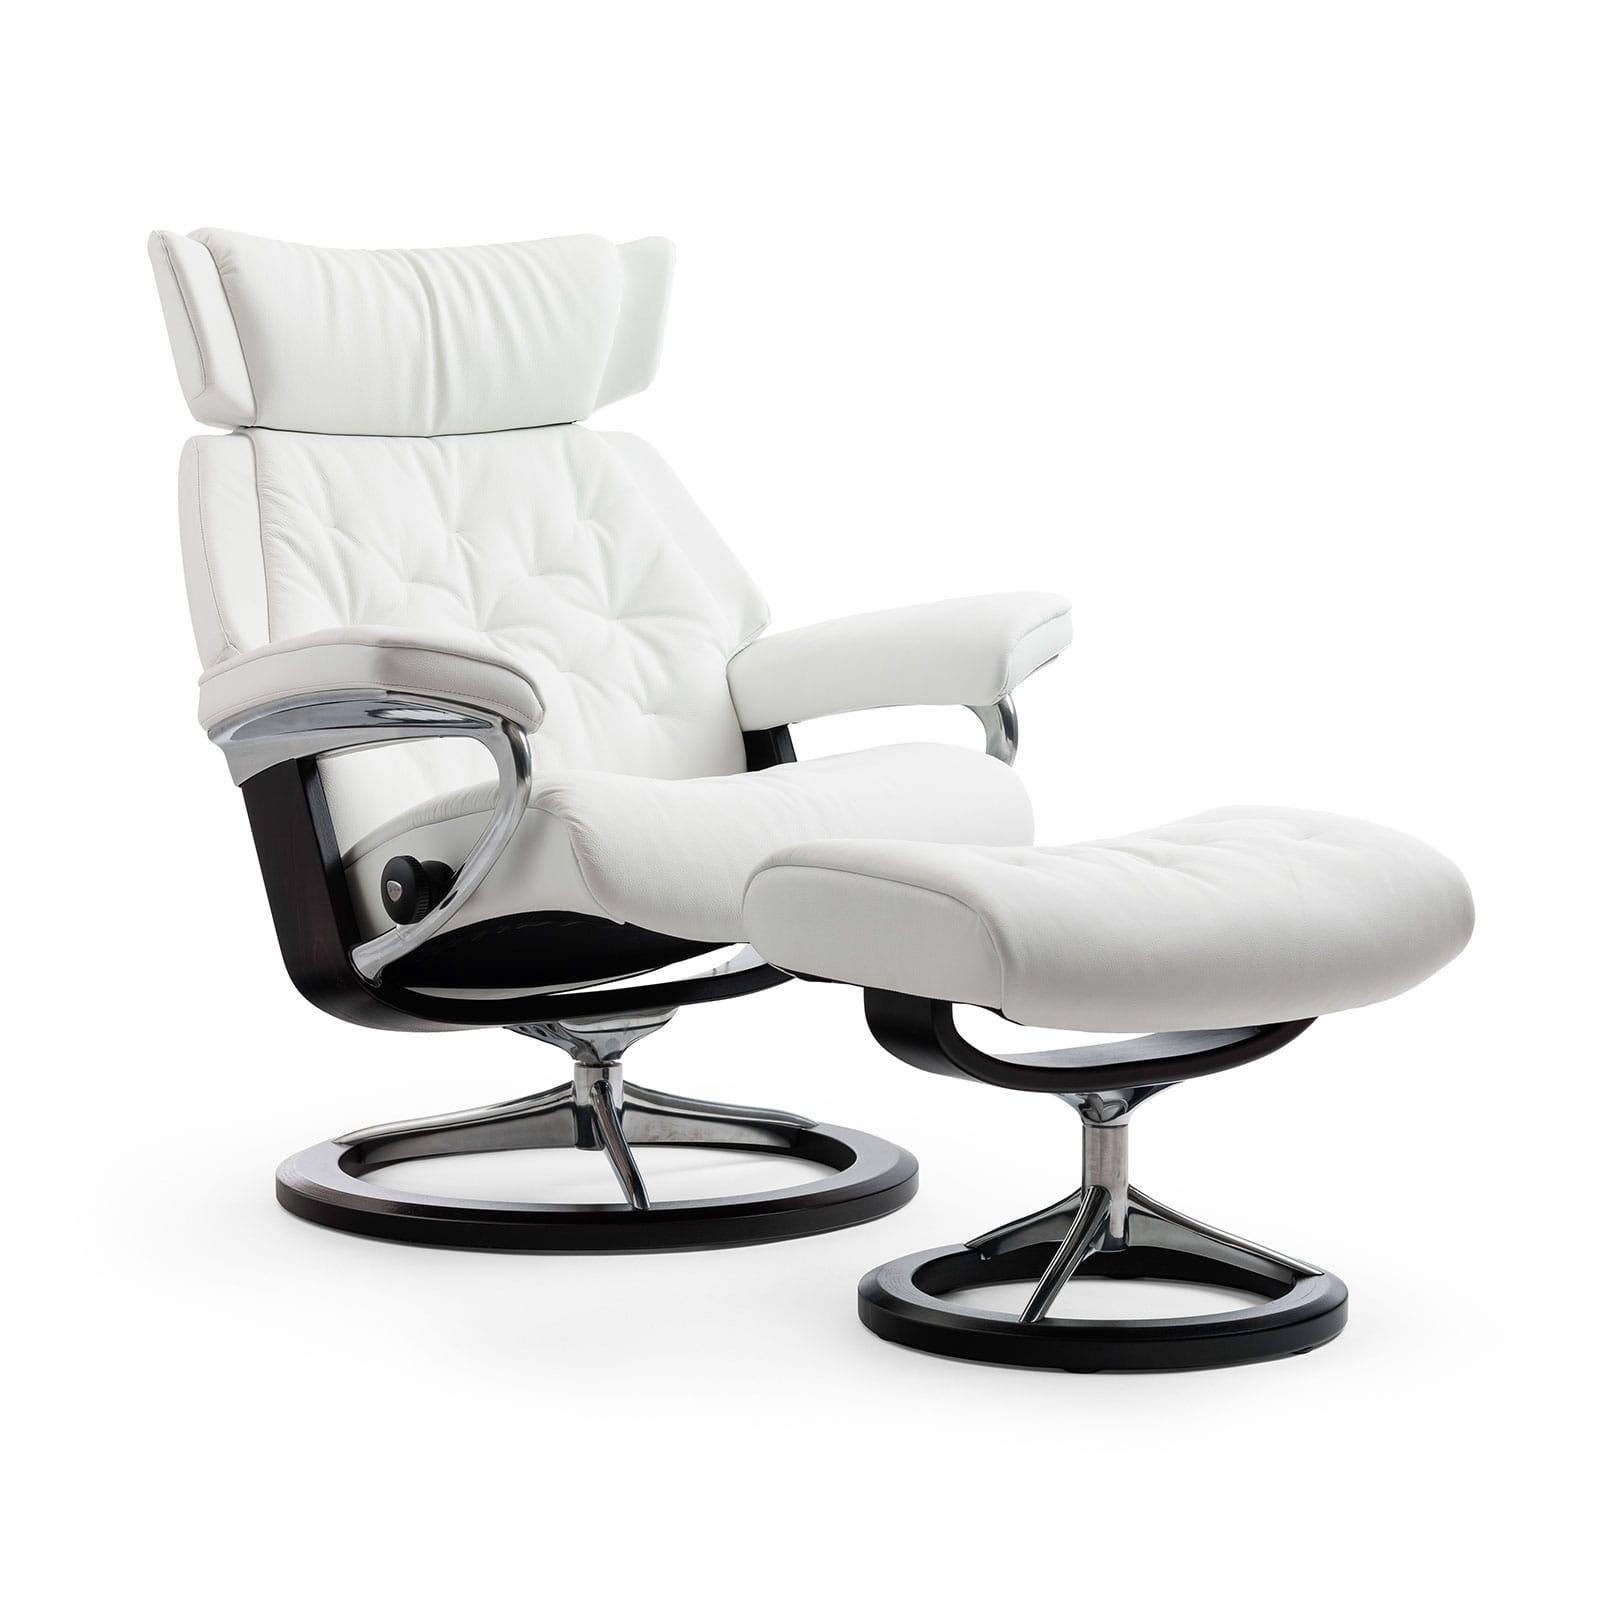 stressless sessel skyline batick snow signature wenge hocker. Black Bedroom Furniture Sets. Home Design Ideas